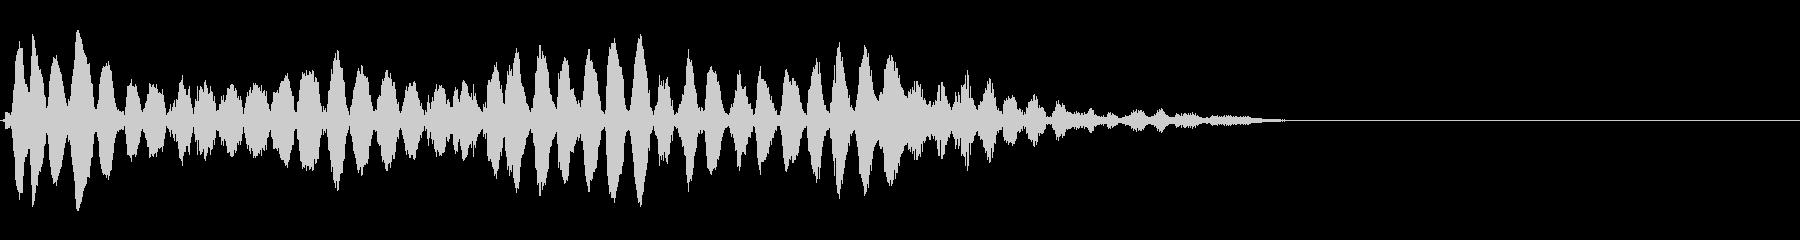 トーンシェイキーフォールwavの未再生の波形